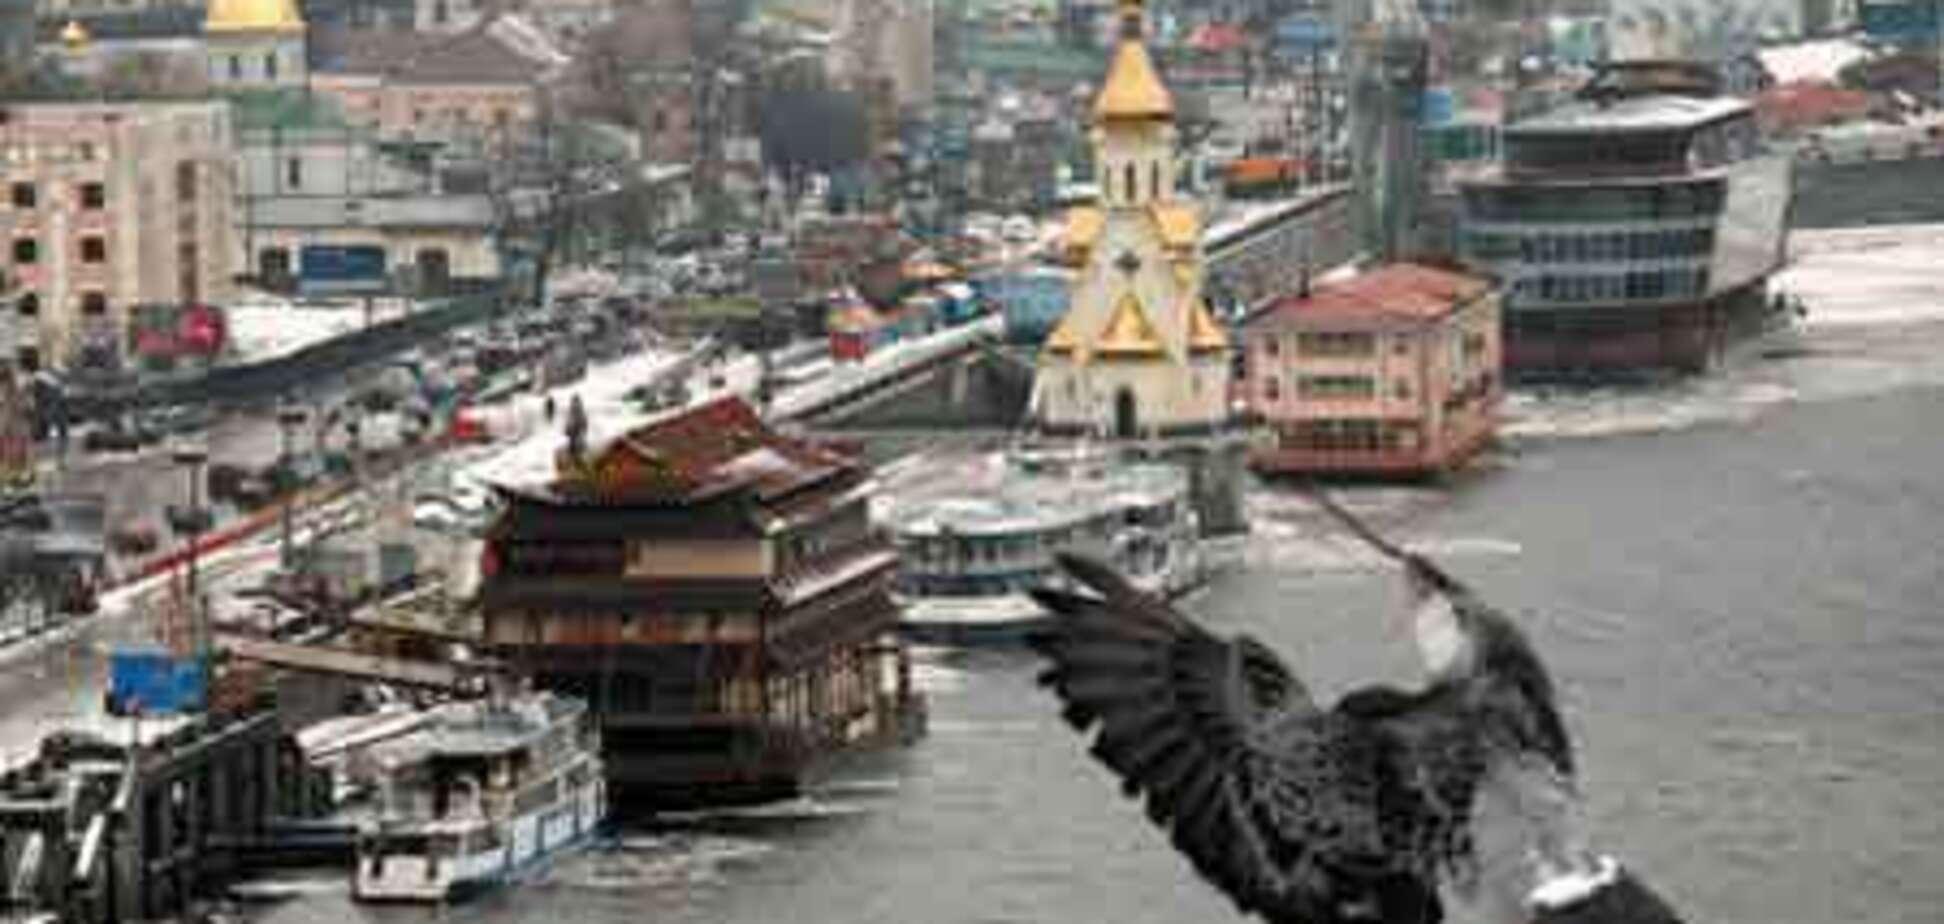 Плавучие рестораны заставят арендовать землю под Днепром